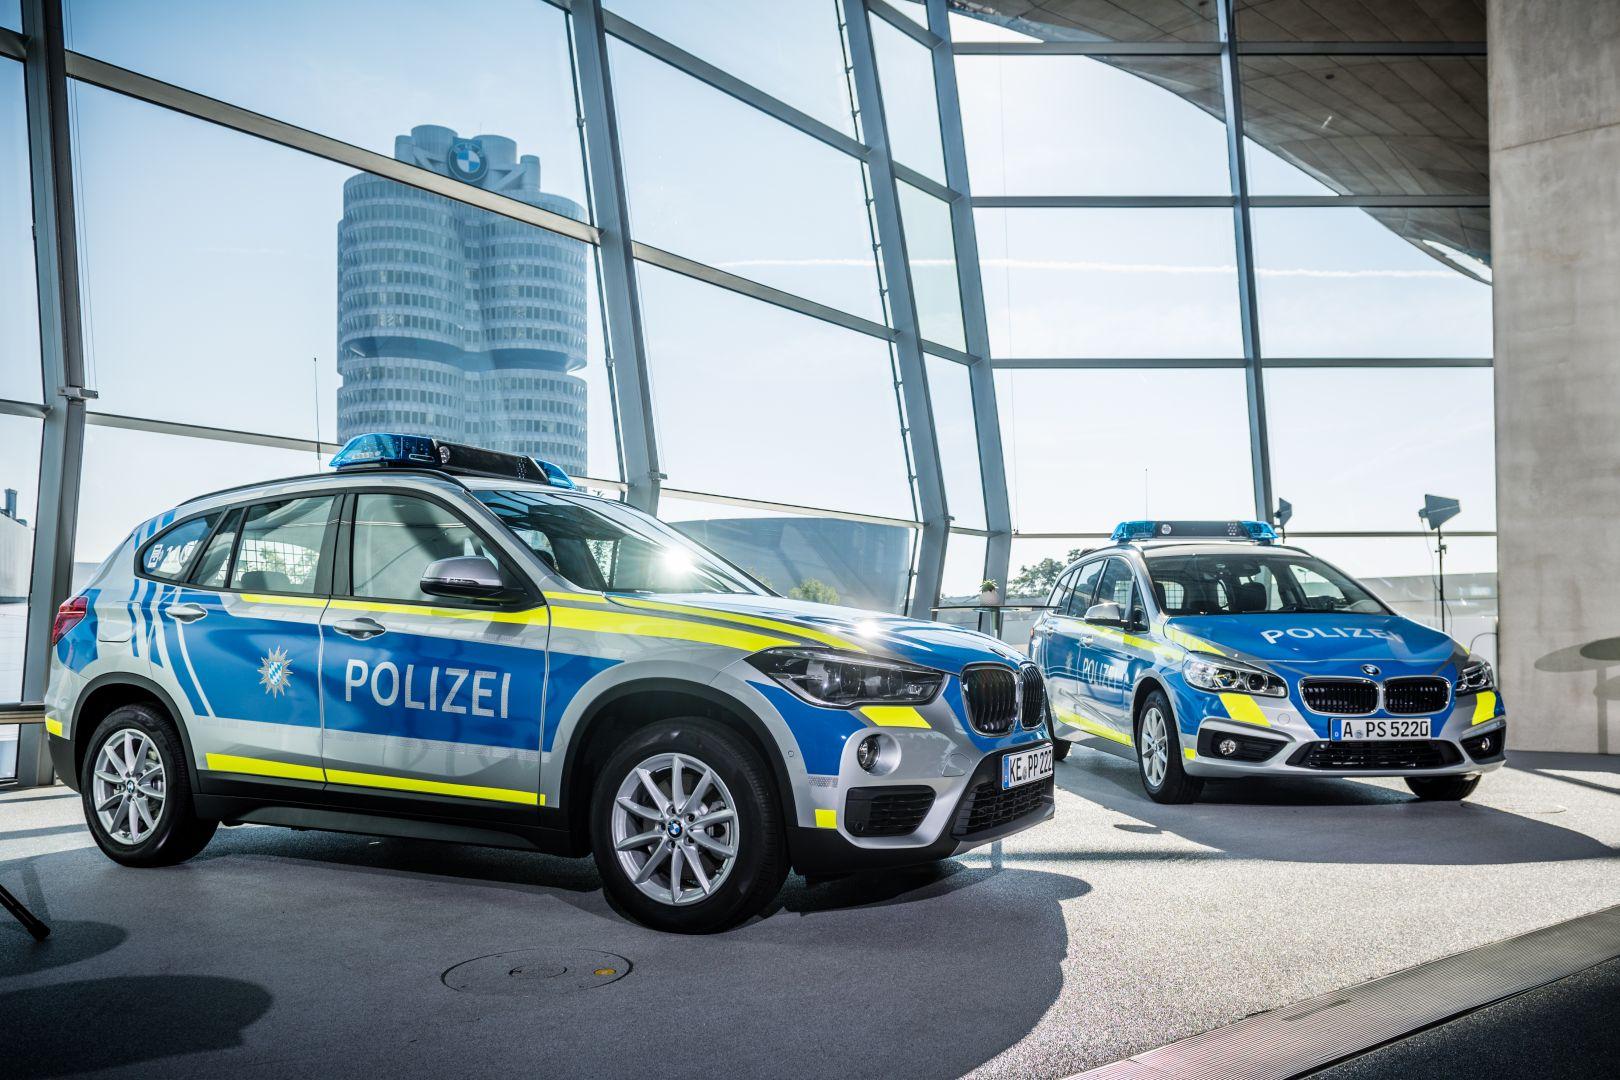 bayerische polizei erh lt neue dienstwagen in neuer. Black Bedroom Furniture Sets. Home Design Ideas